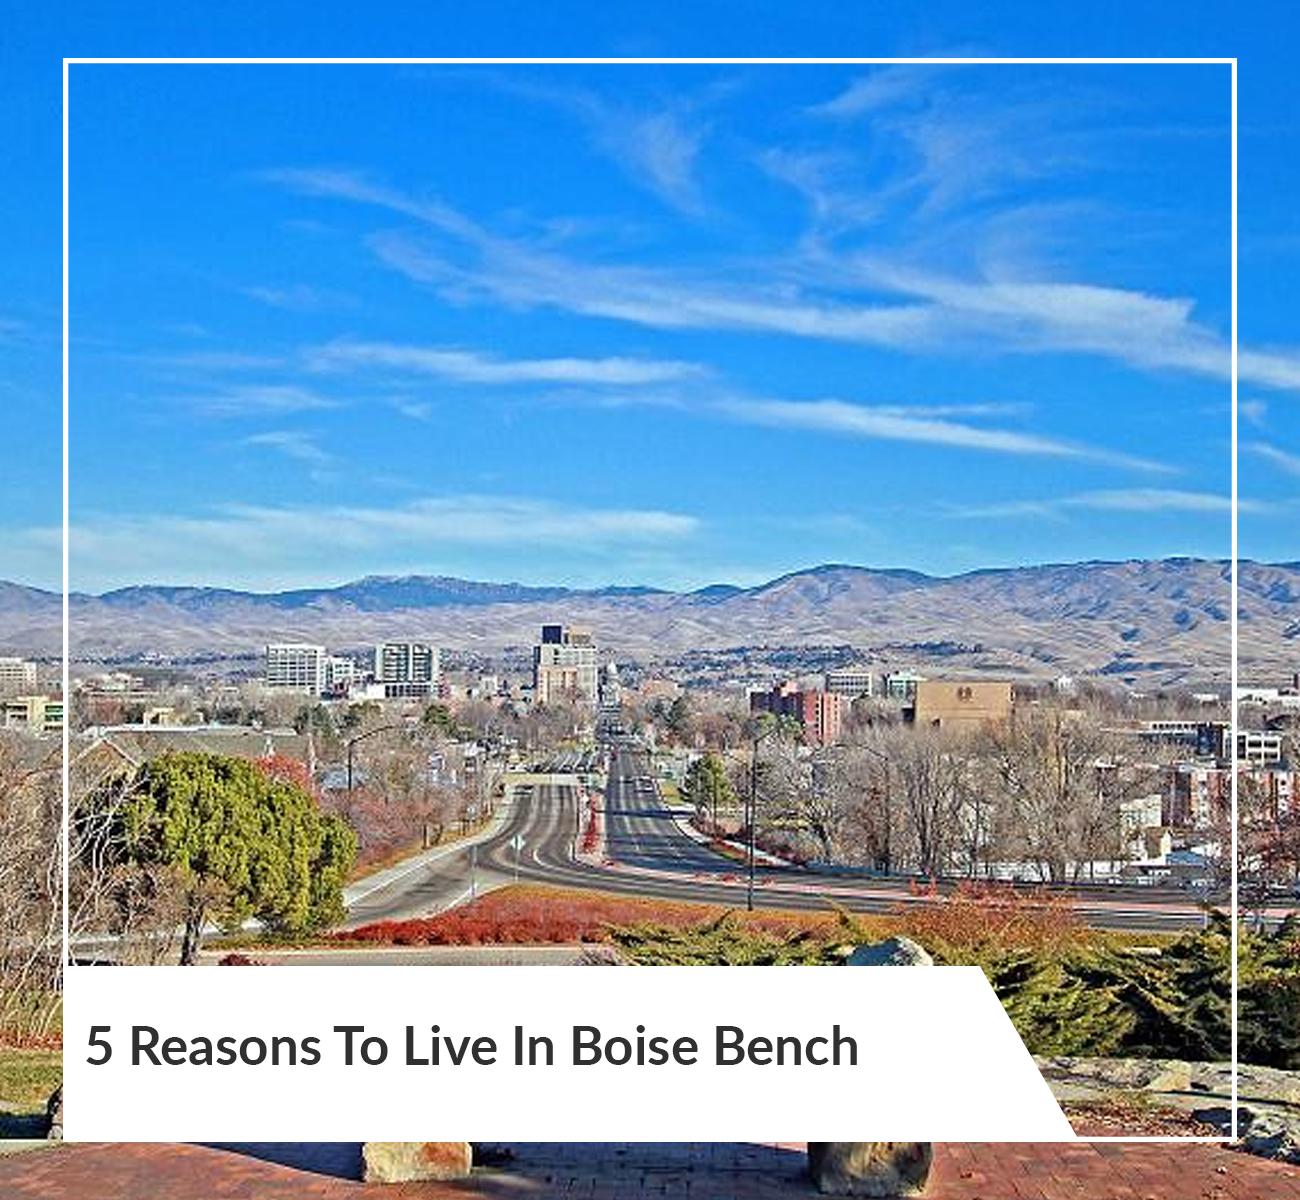 Living in Boise Bench